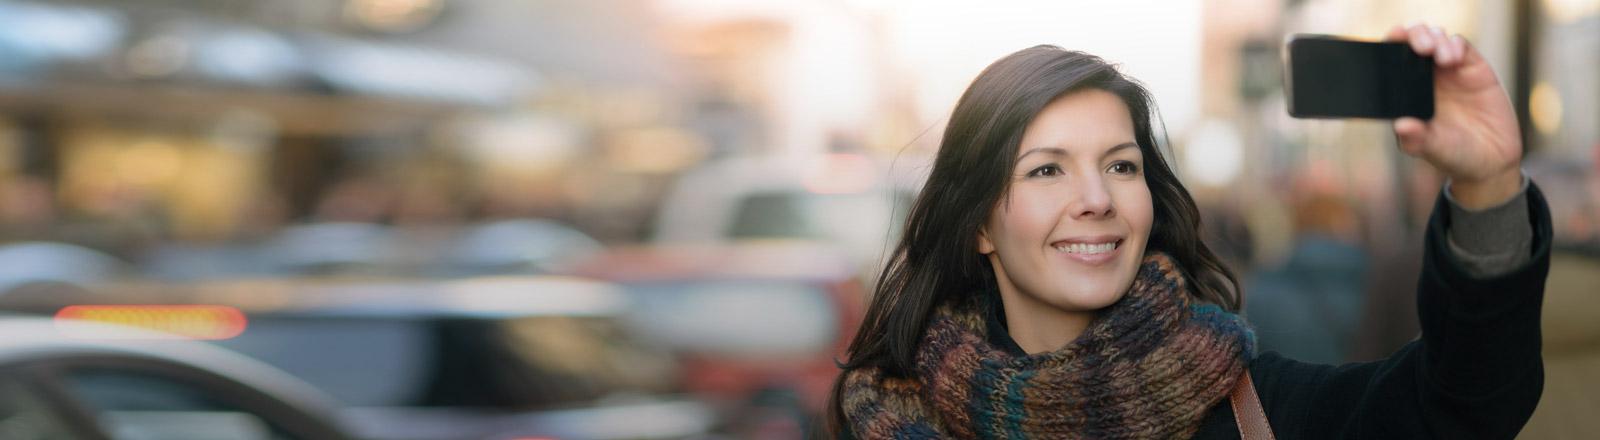 Eine Frau hält ein Smartphone in die Luft